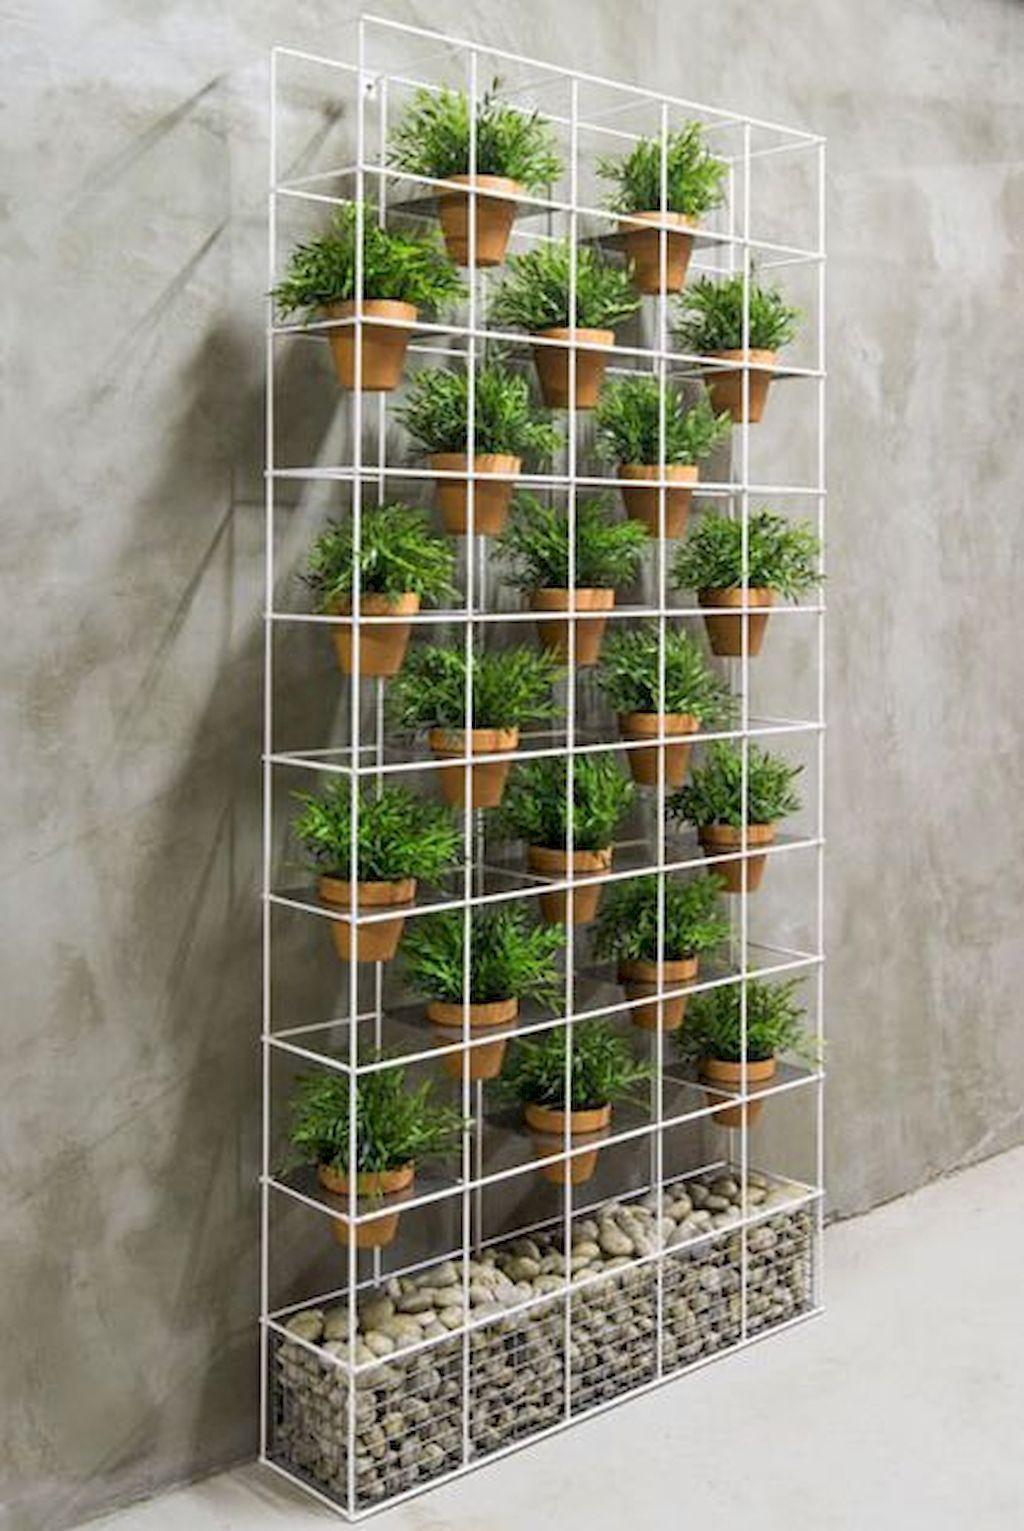 the indoor herb garden vertical garden diy vertical on indoor herb garden diy wall vertical planter id=66110